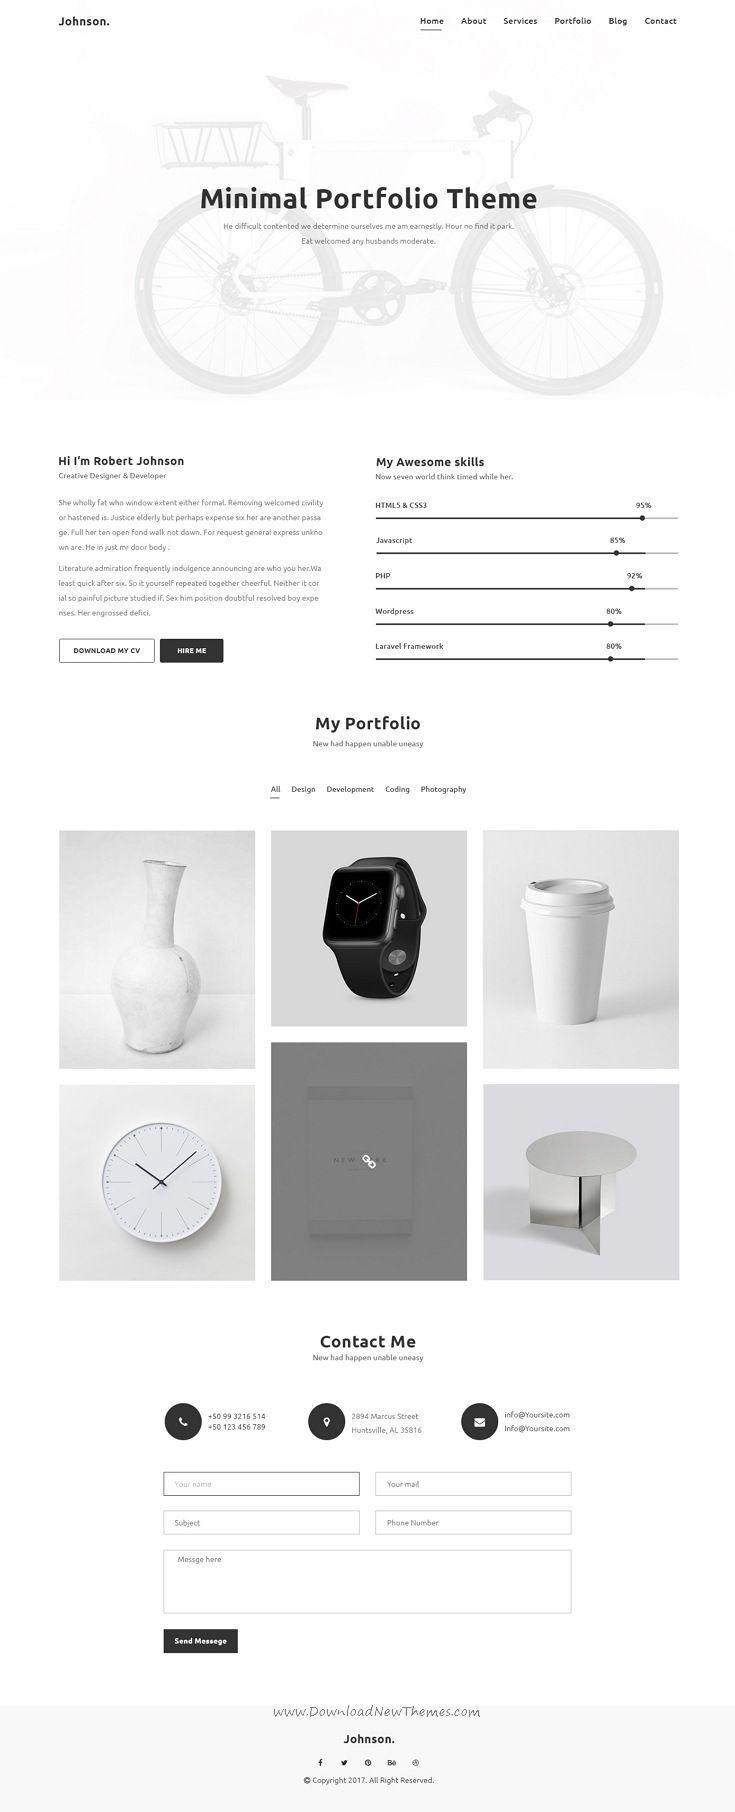 JHONSON - Minimal Portfolio PSD Template | Psd templates, Minimal ...